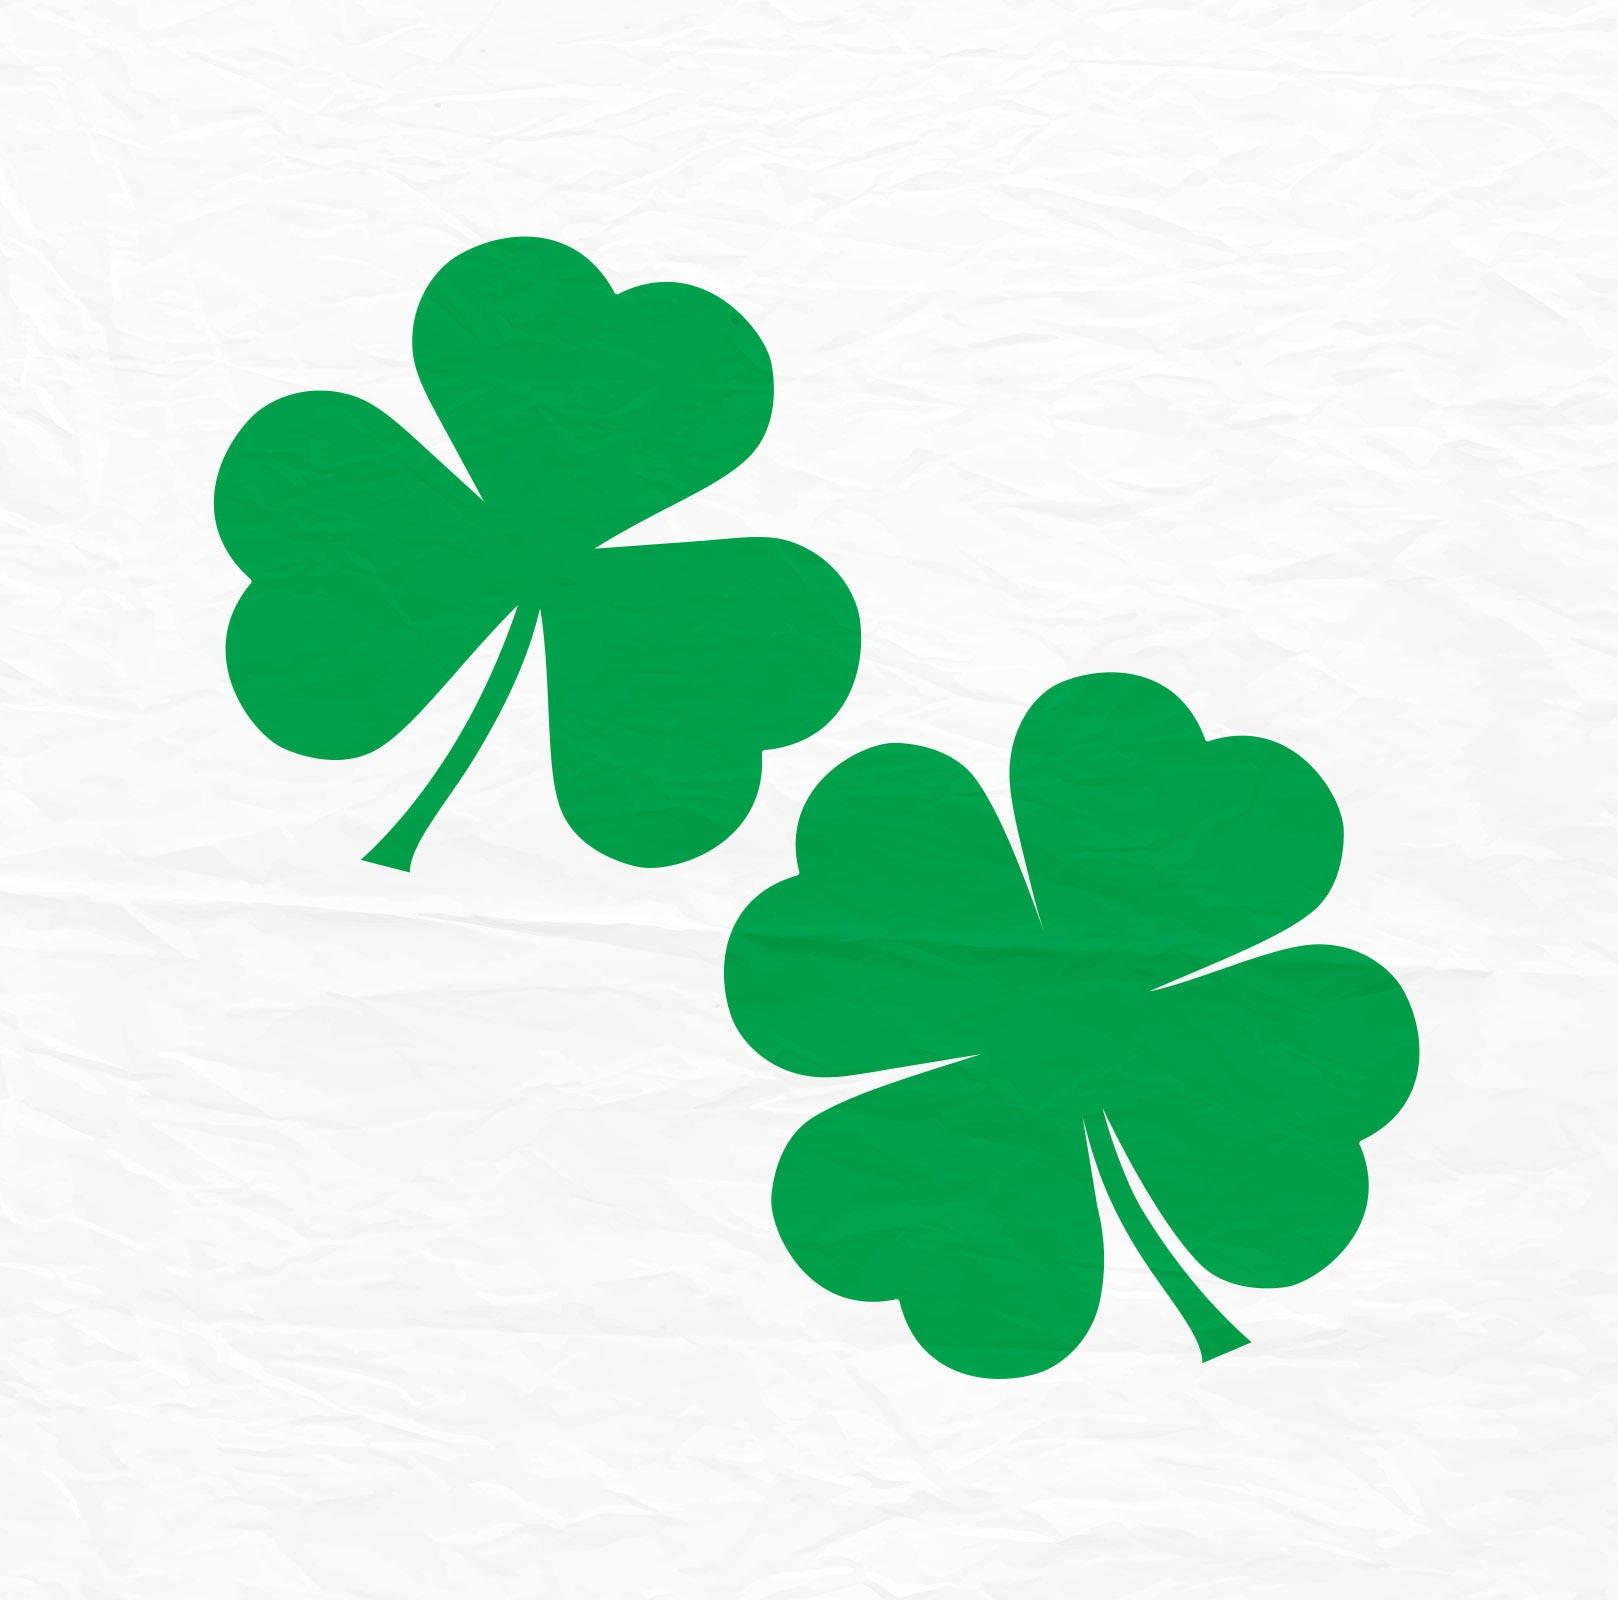 Saint Patricks Day Svg Clover Svg shamrock Svg Four Leaf ...